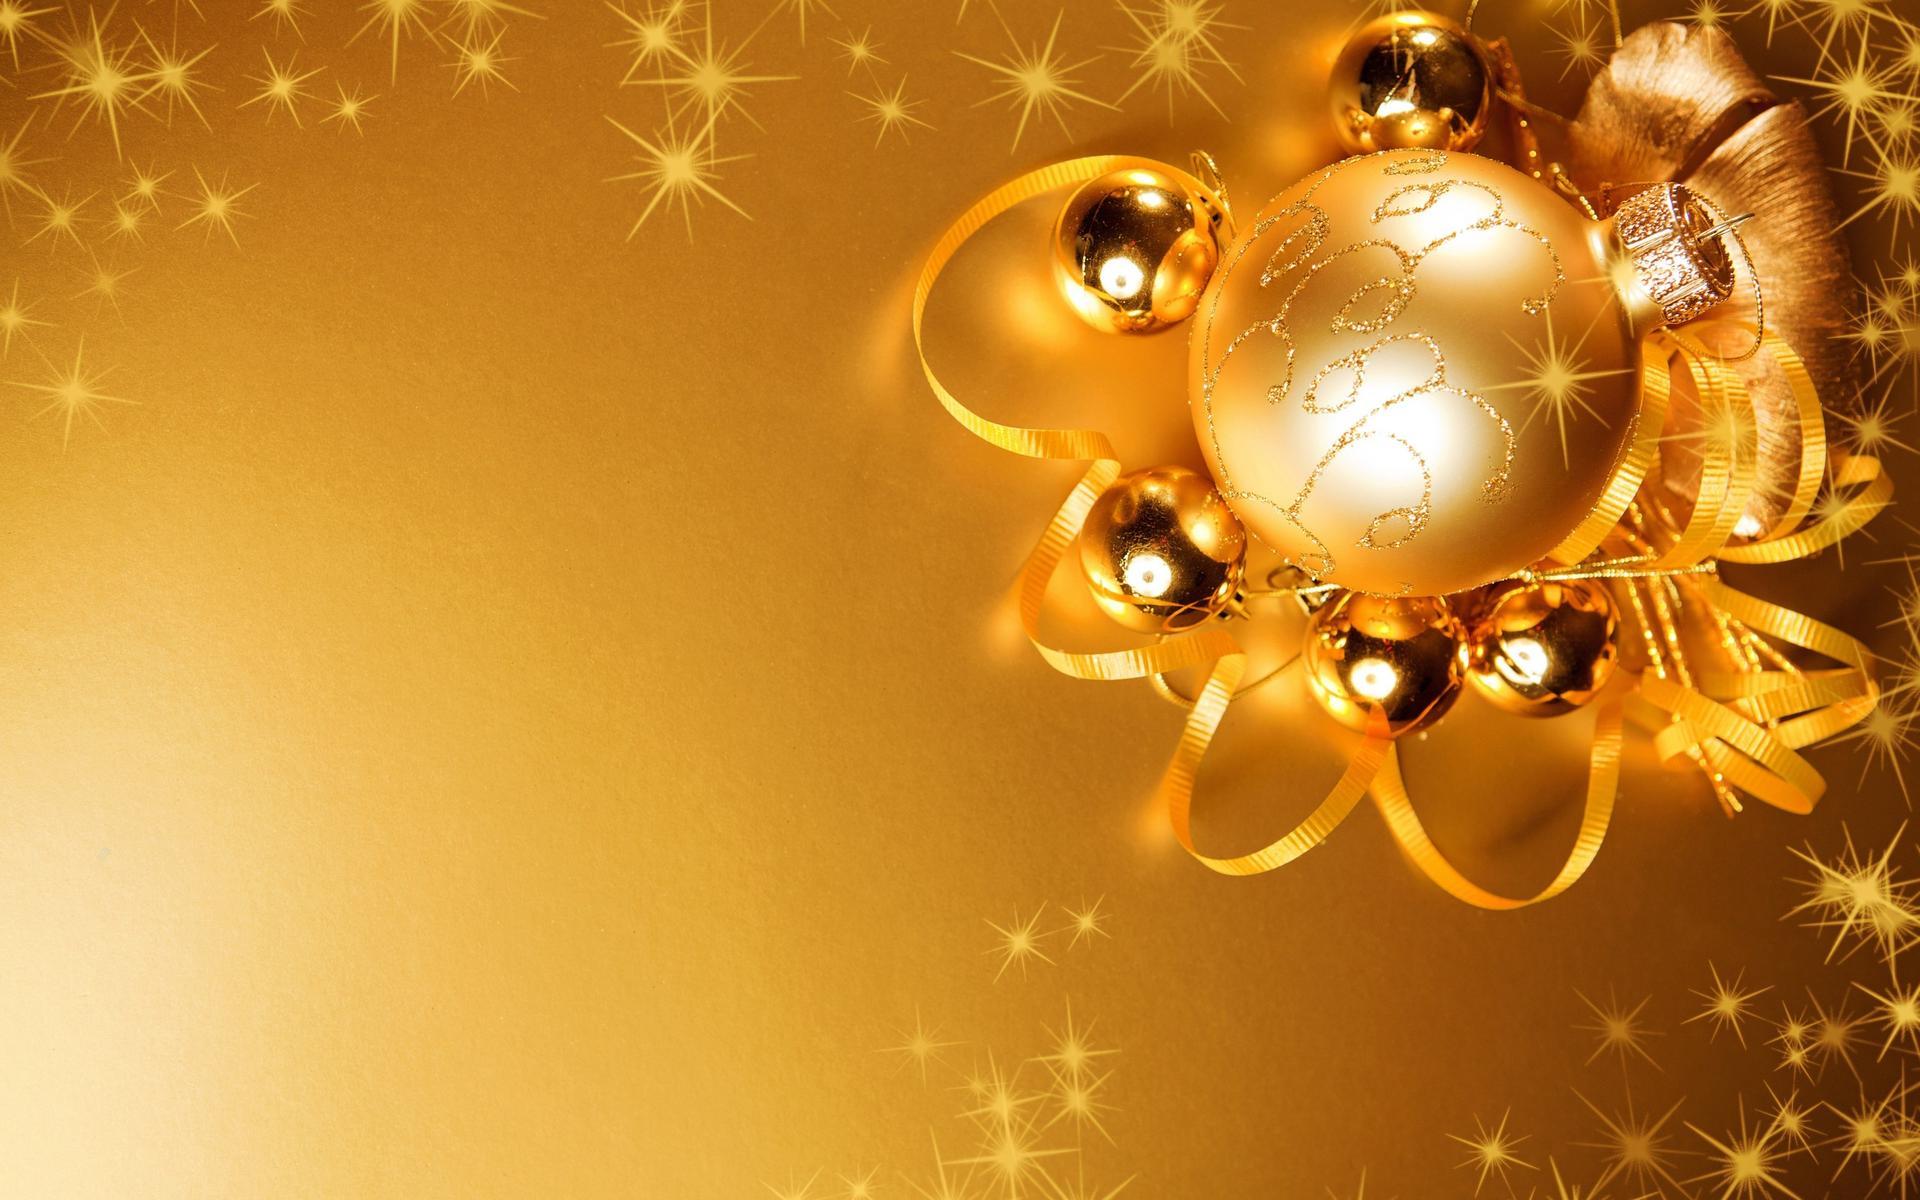 Шары украшение - C наступающим новым годом 2017 поздравительные картинки